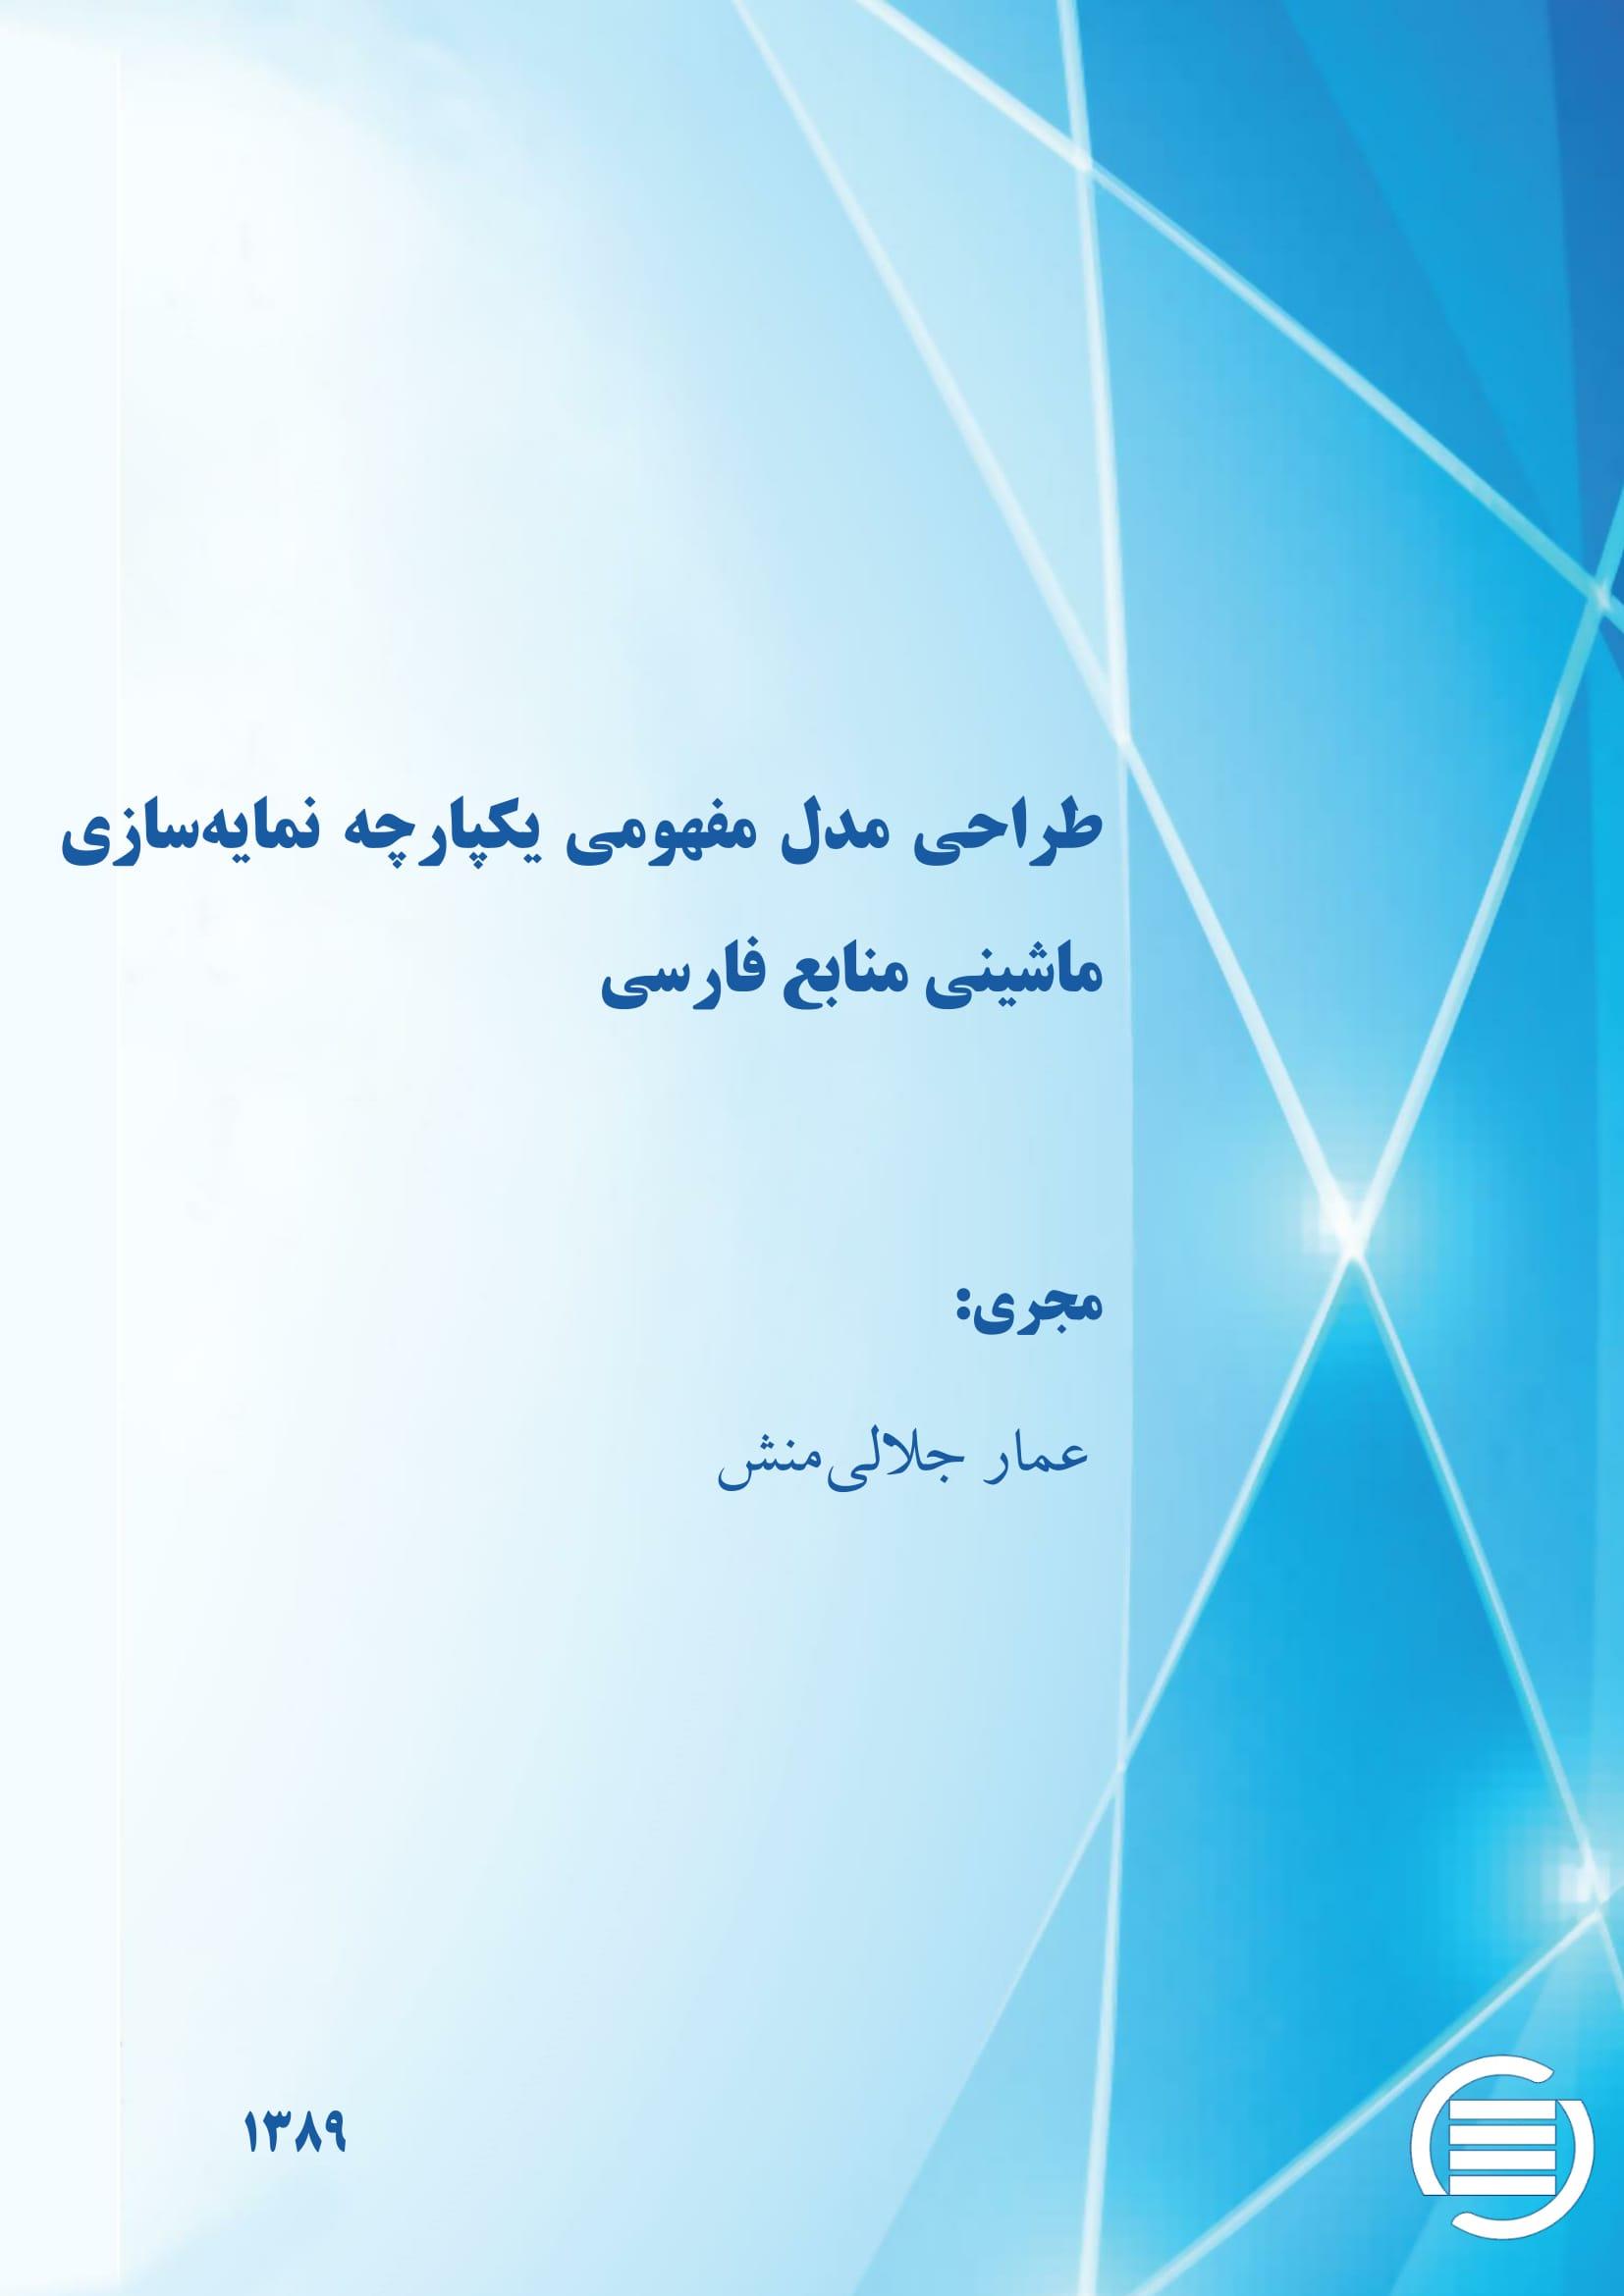 طراحی مدل مفهومی یکپارچه نمایهسازی ماشینی منابع فارسی